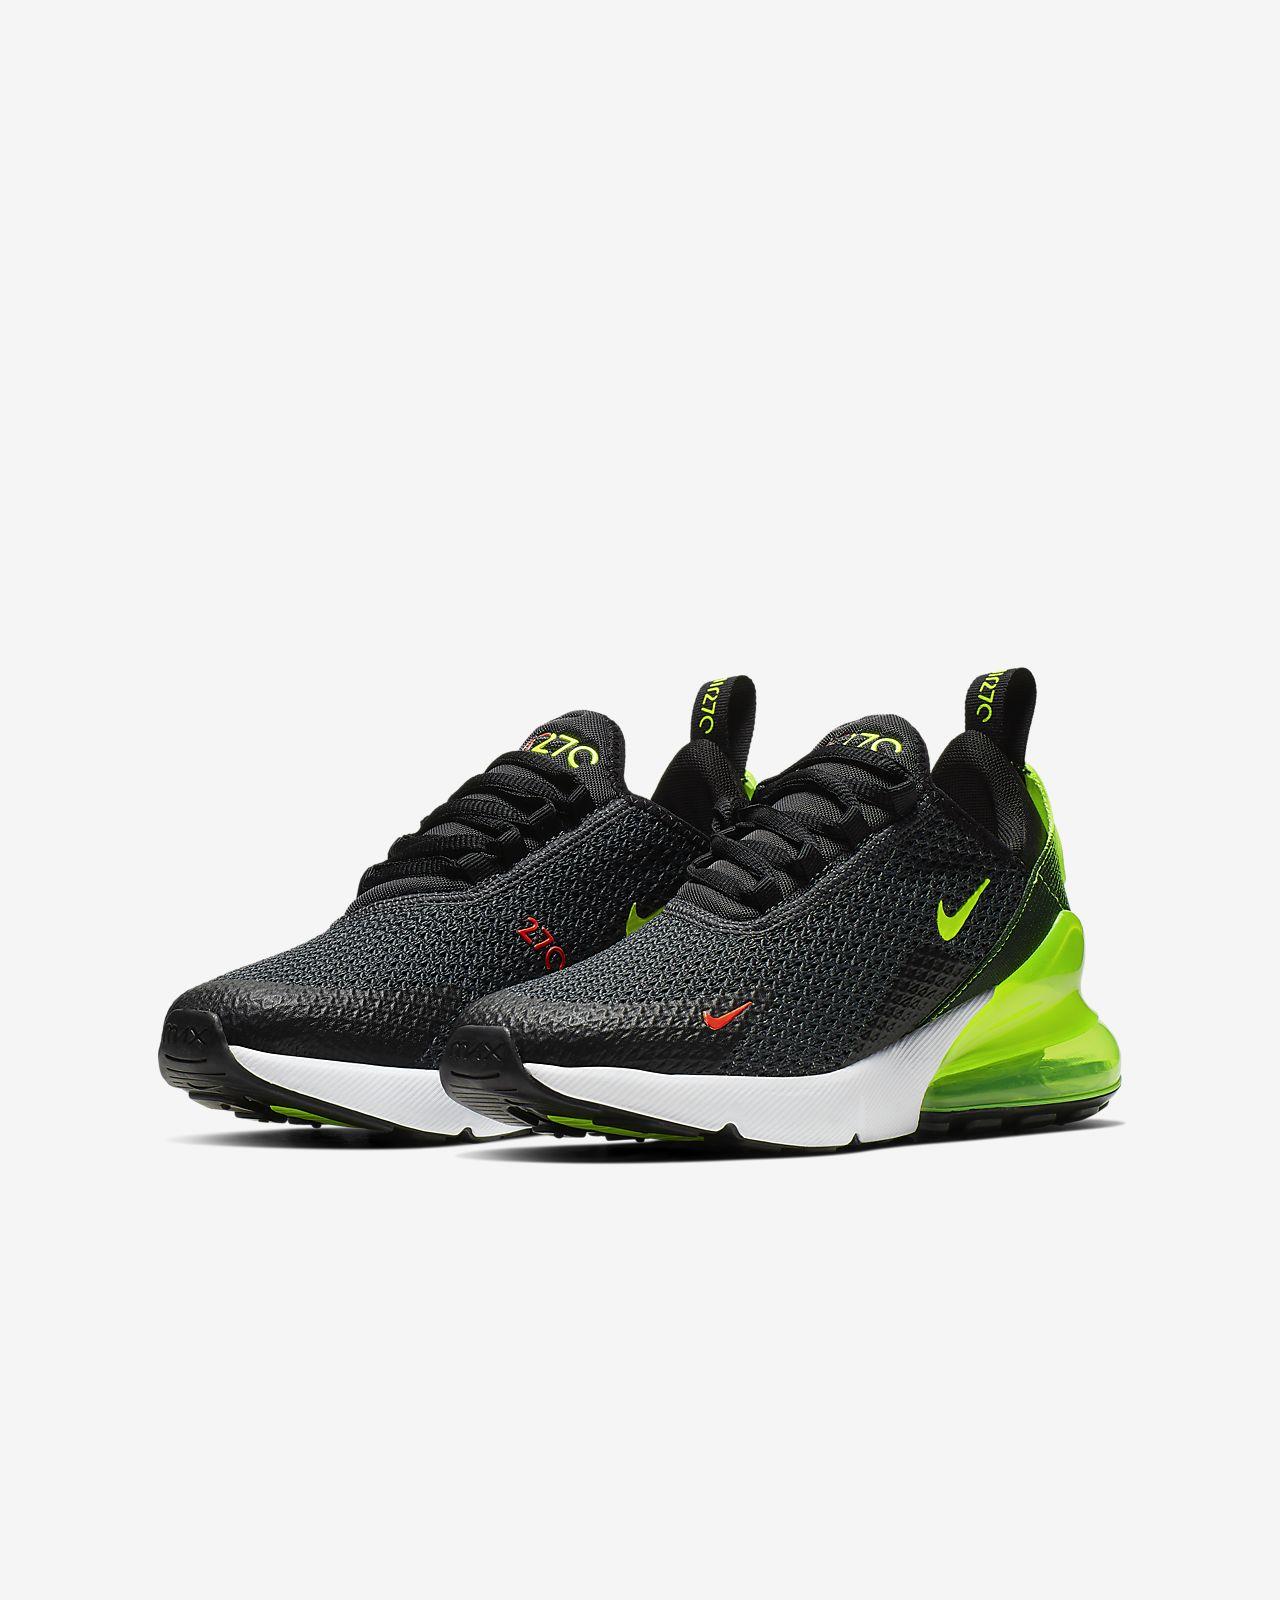 7f16f7ab53 Nike Air Max 270 Older Kids' Shoe. Nike.com GB